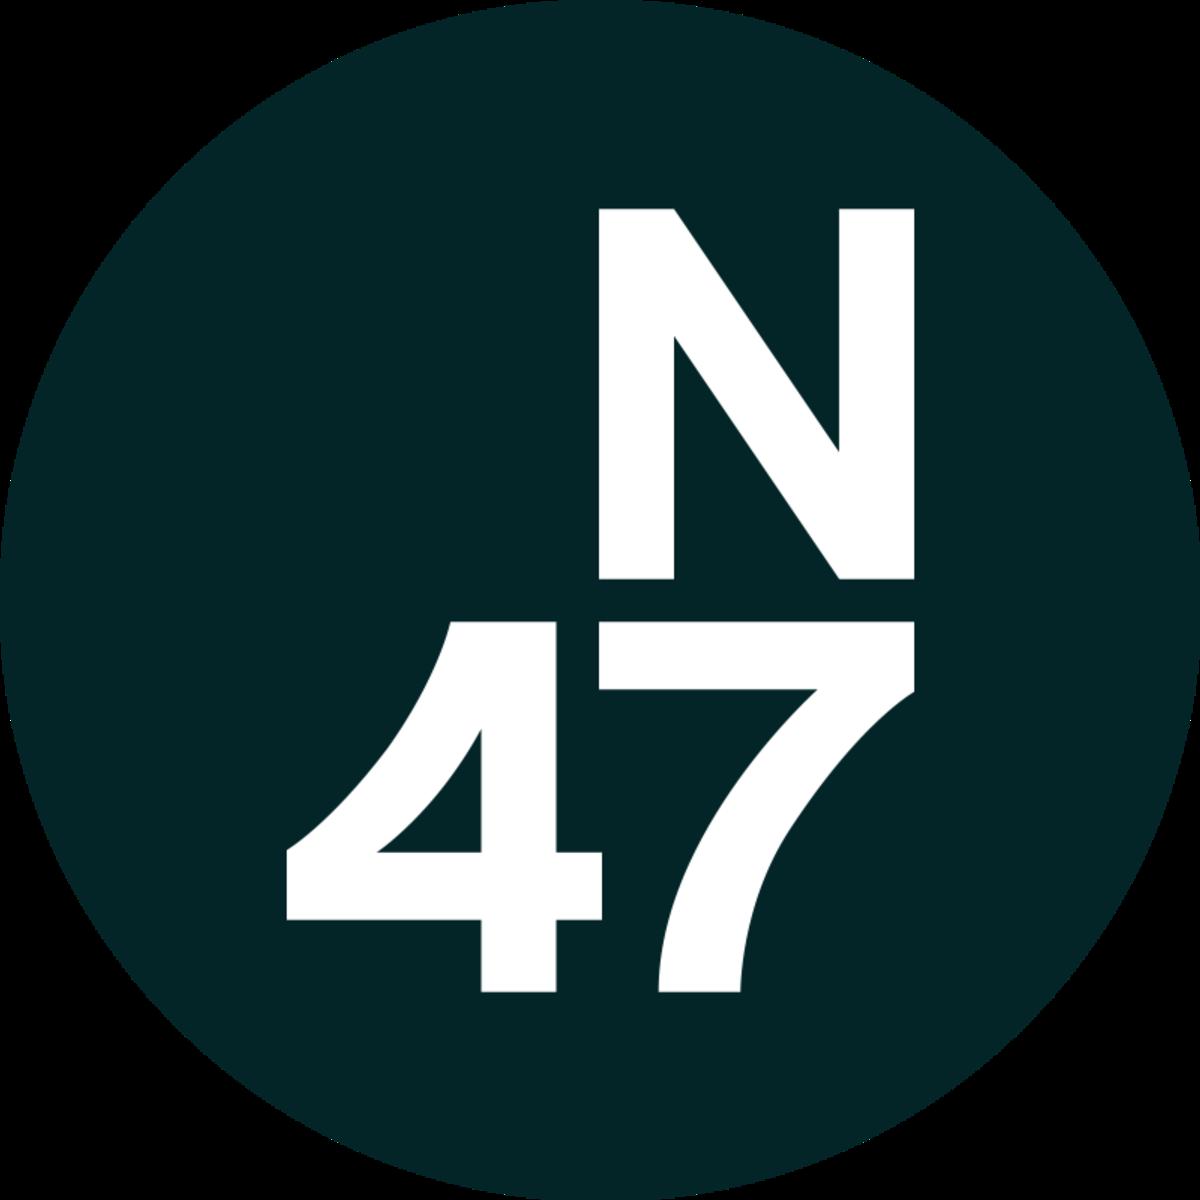 Pubg Logo Png Circle - 4Share-Kawan